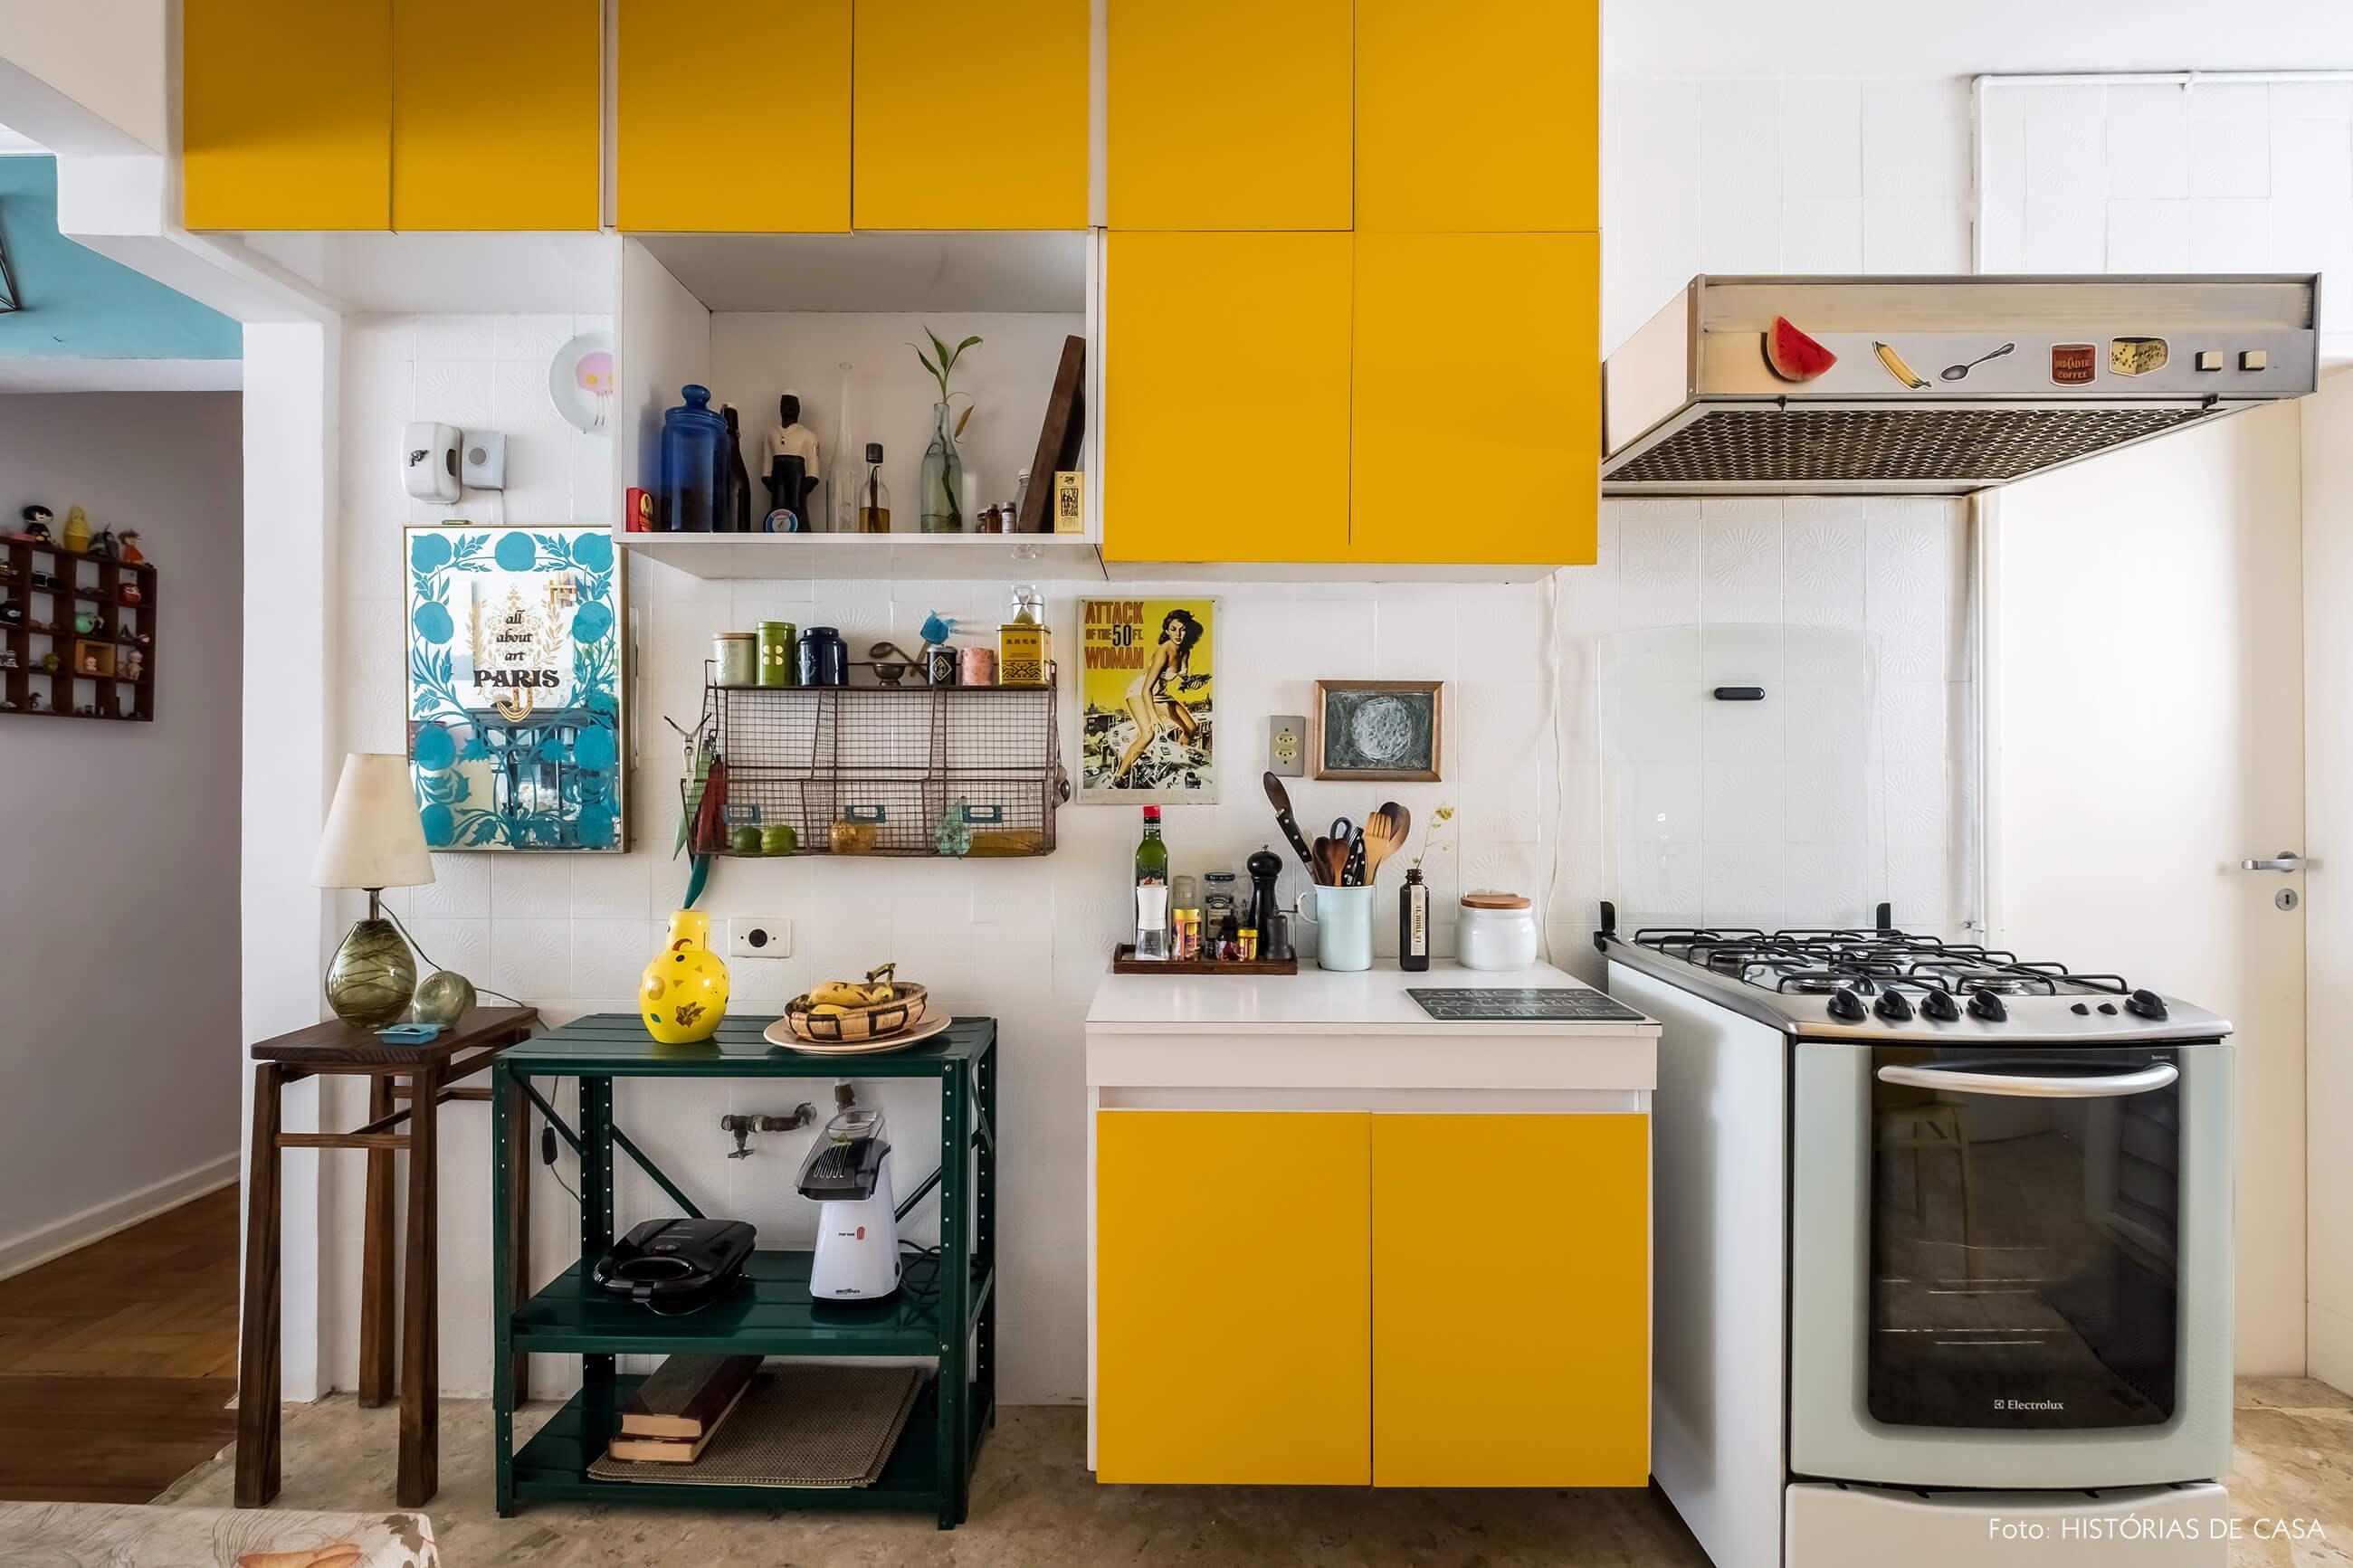 Cozinha antiga com armários amarelos e decoração vintage